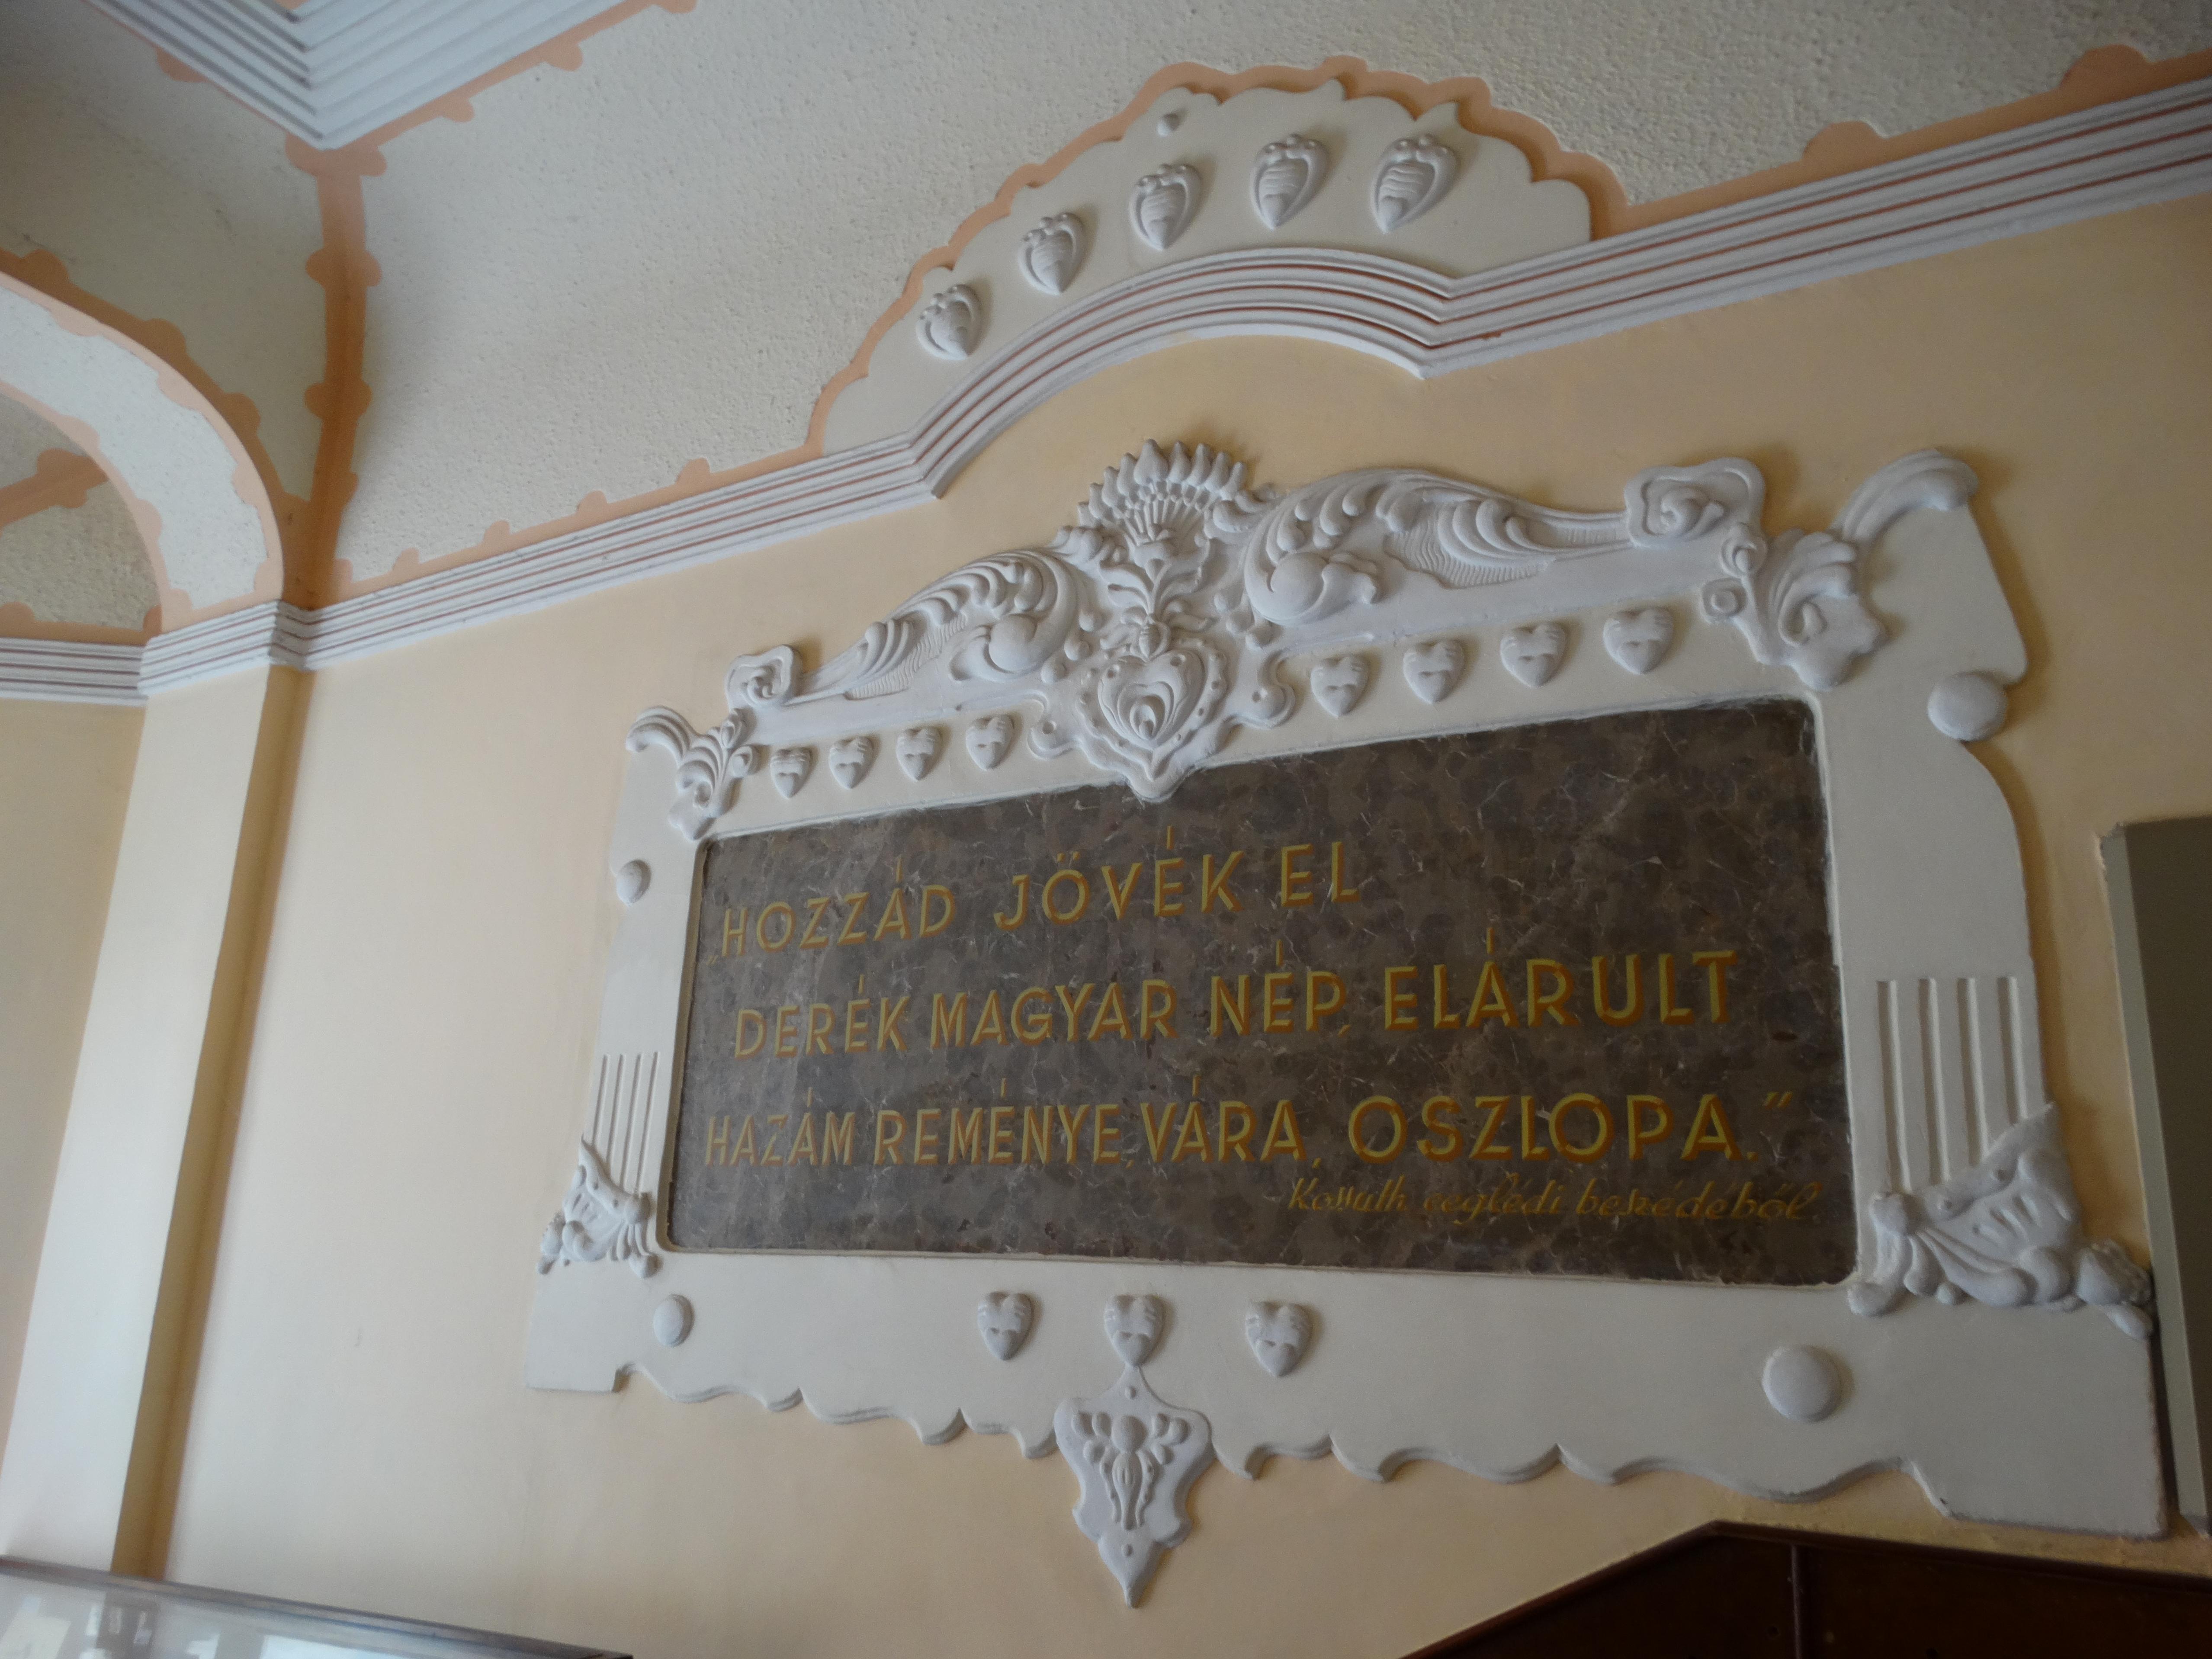 2019.08.18.: Kossuth Múzeum